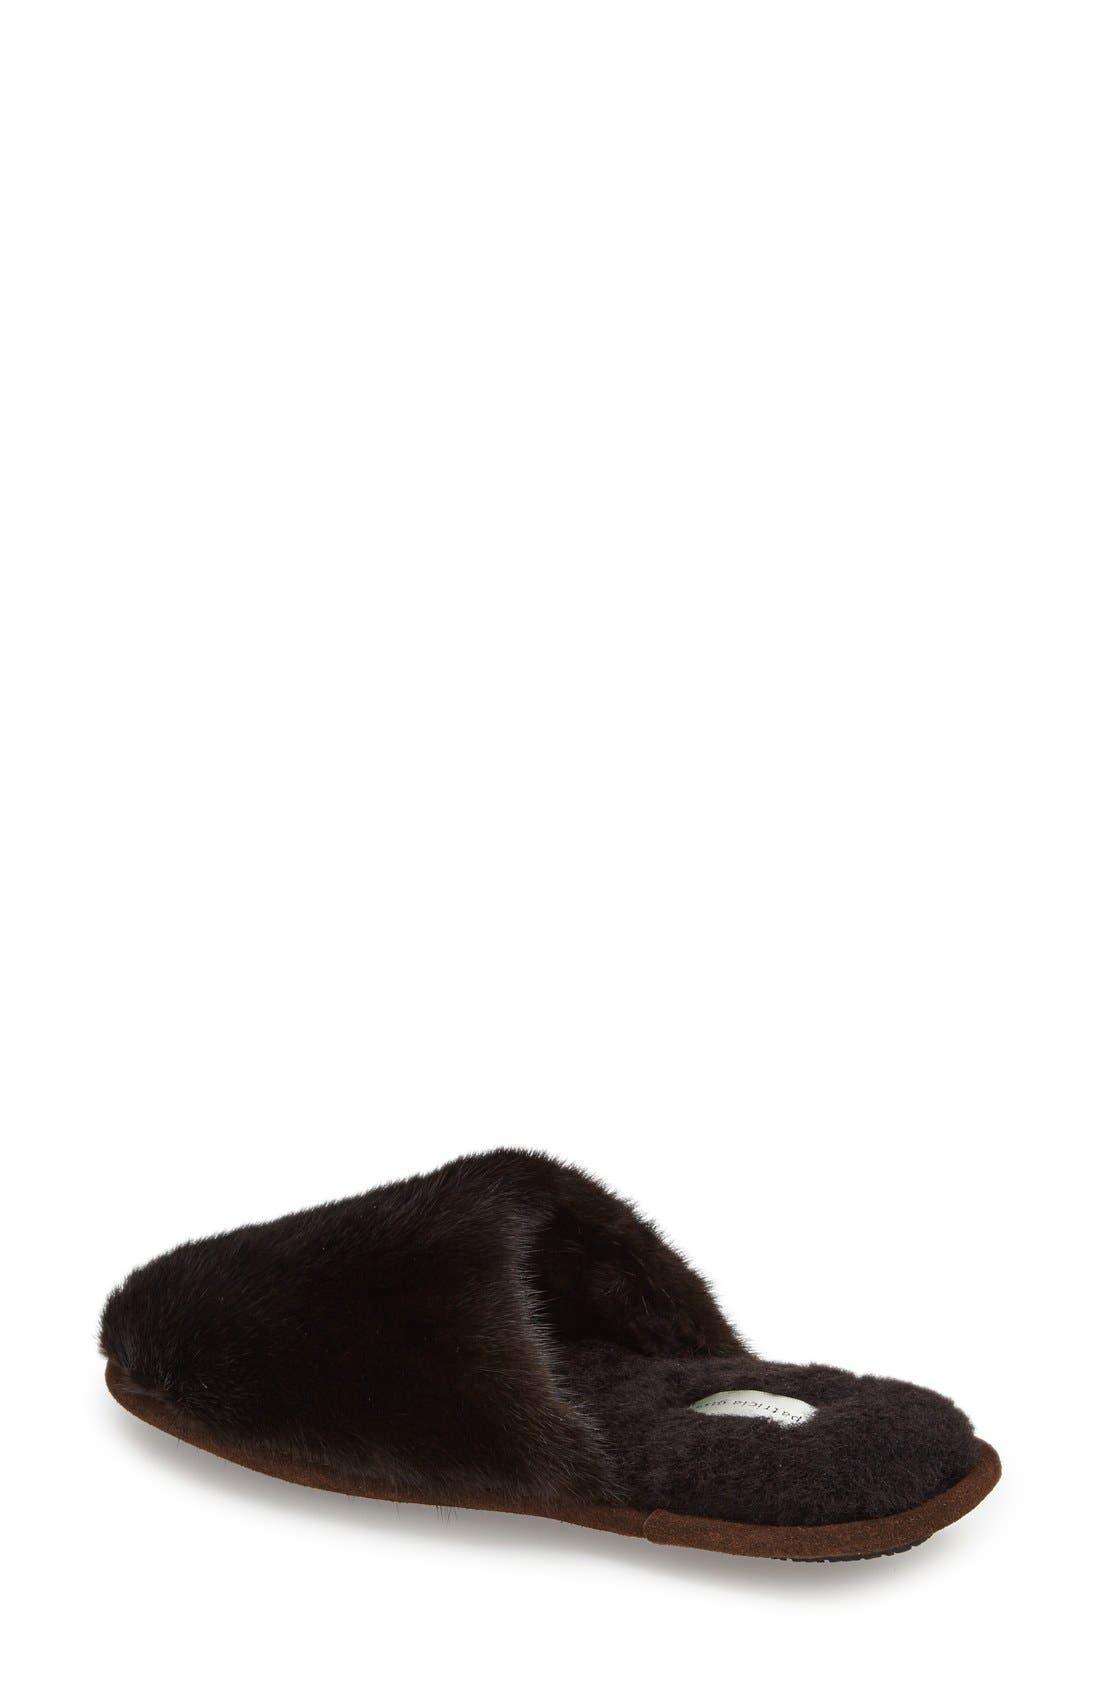 'Whistler' Genuine Mink Fur Slipper,                             Alternate thumbnail 3, color,                             215